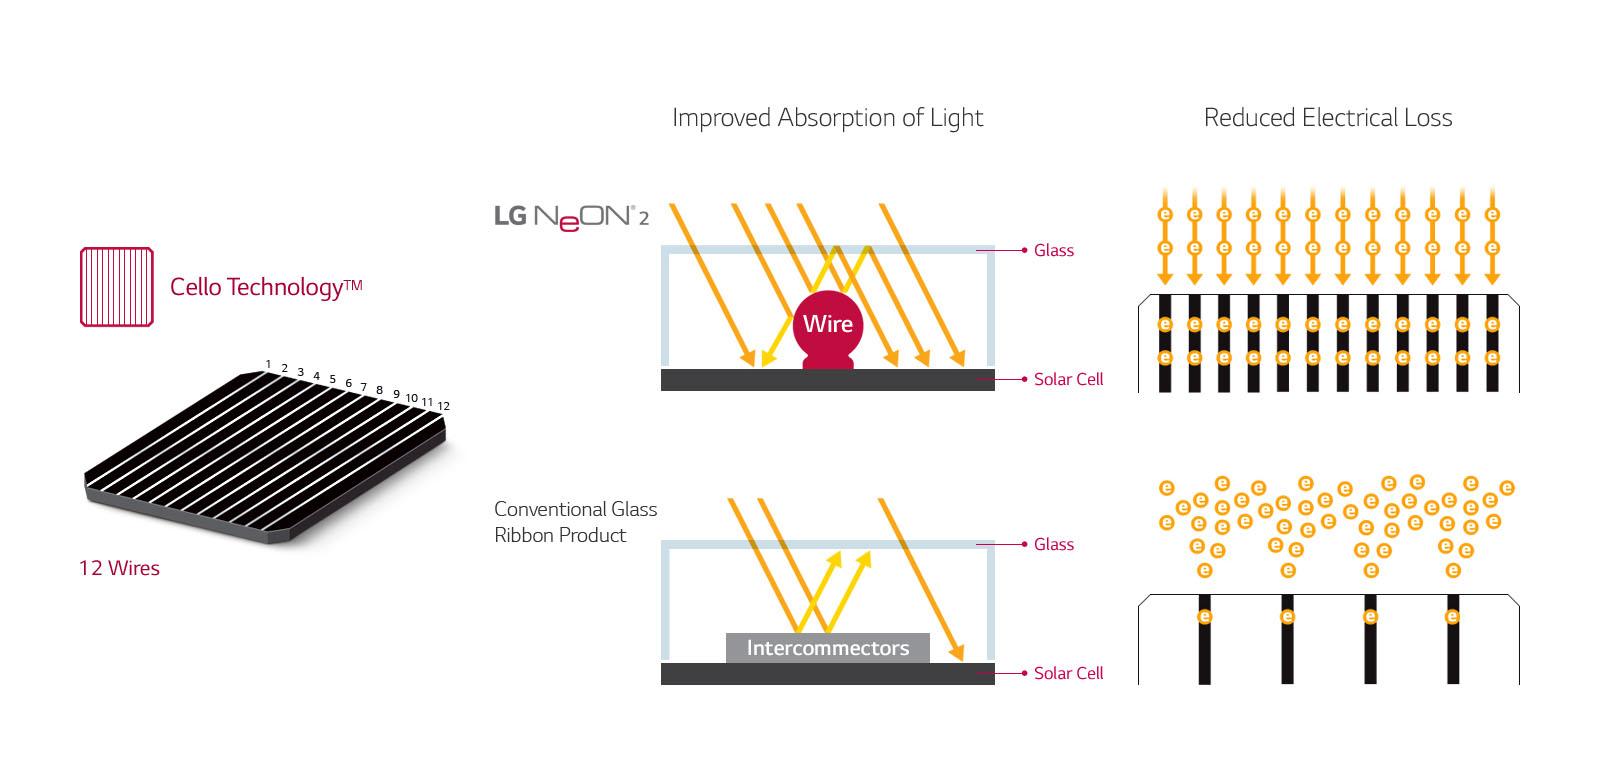 NISU pin mặt trời LG Neon2 330w công nghệ Cello